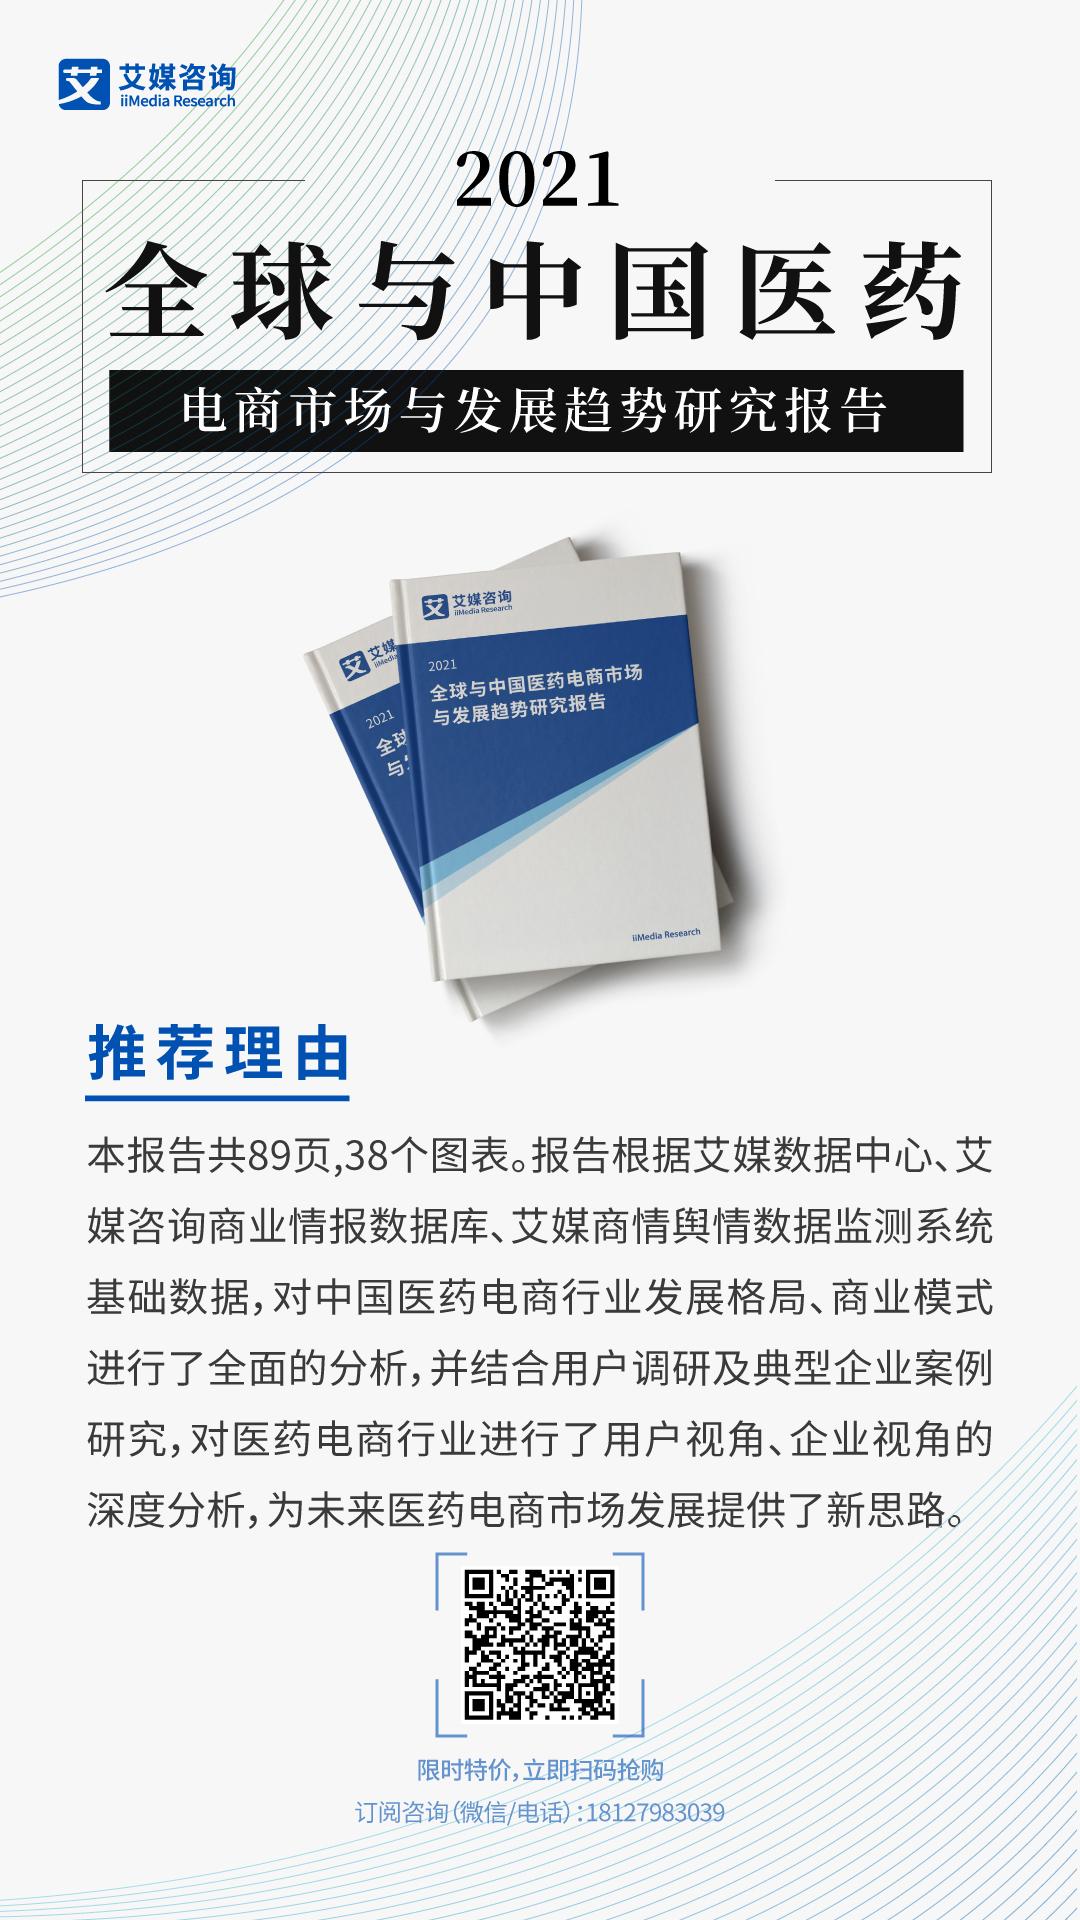 2021全球与中国医药电商市场与发展趋势研究报告